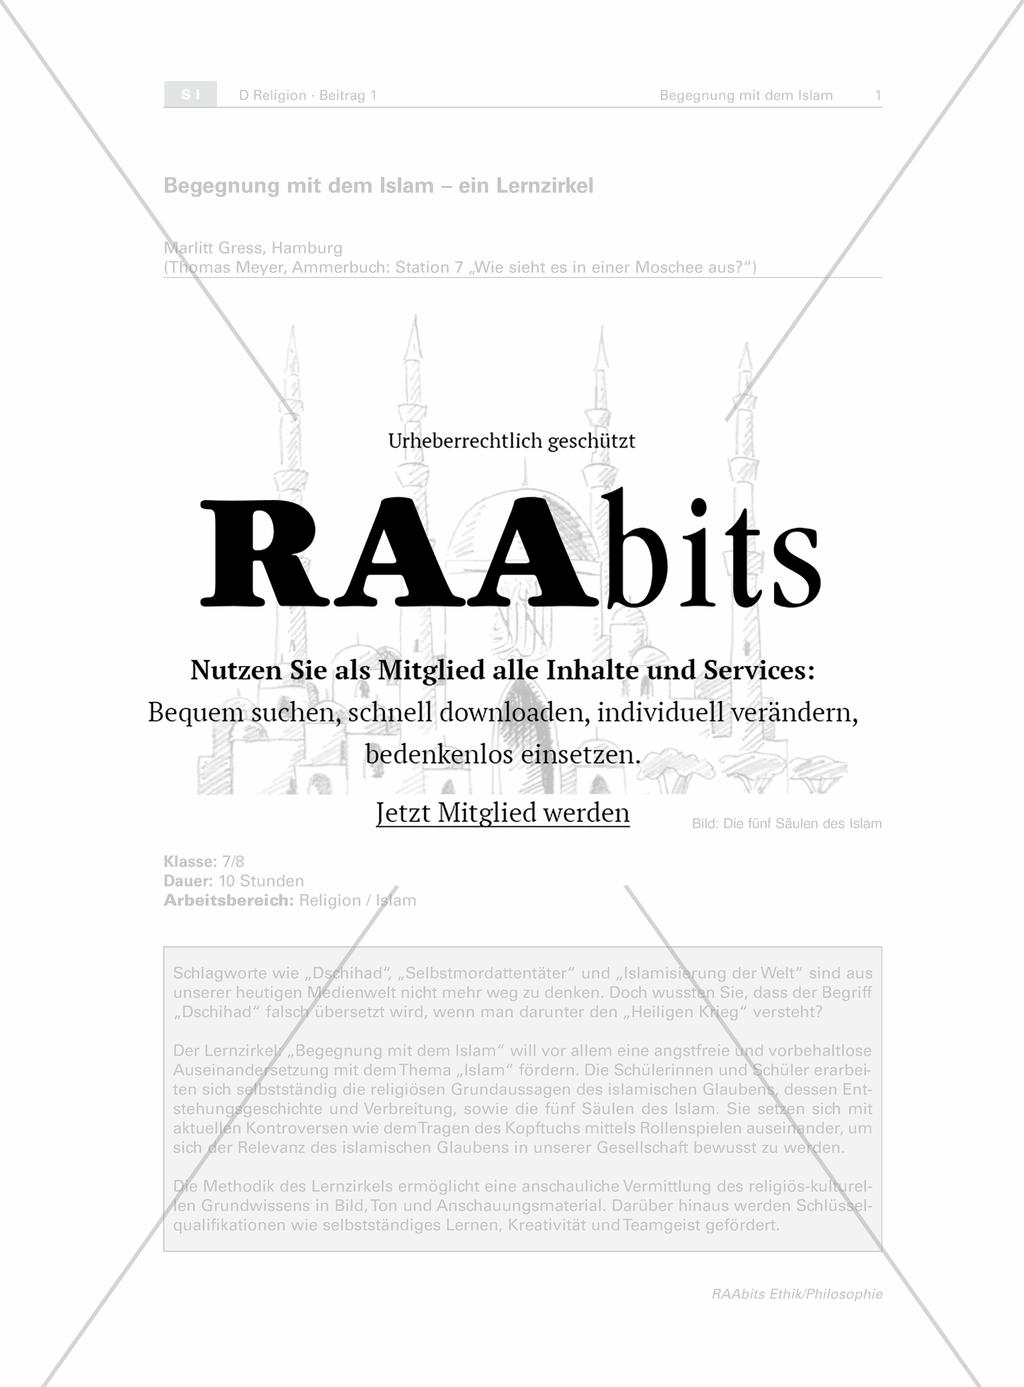 Begegnungen mit dem Islam - ein Lernzirkel – RAAbits Ethik online